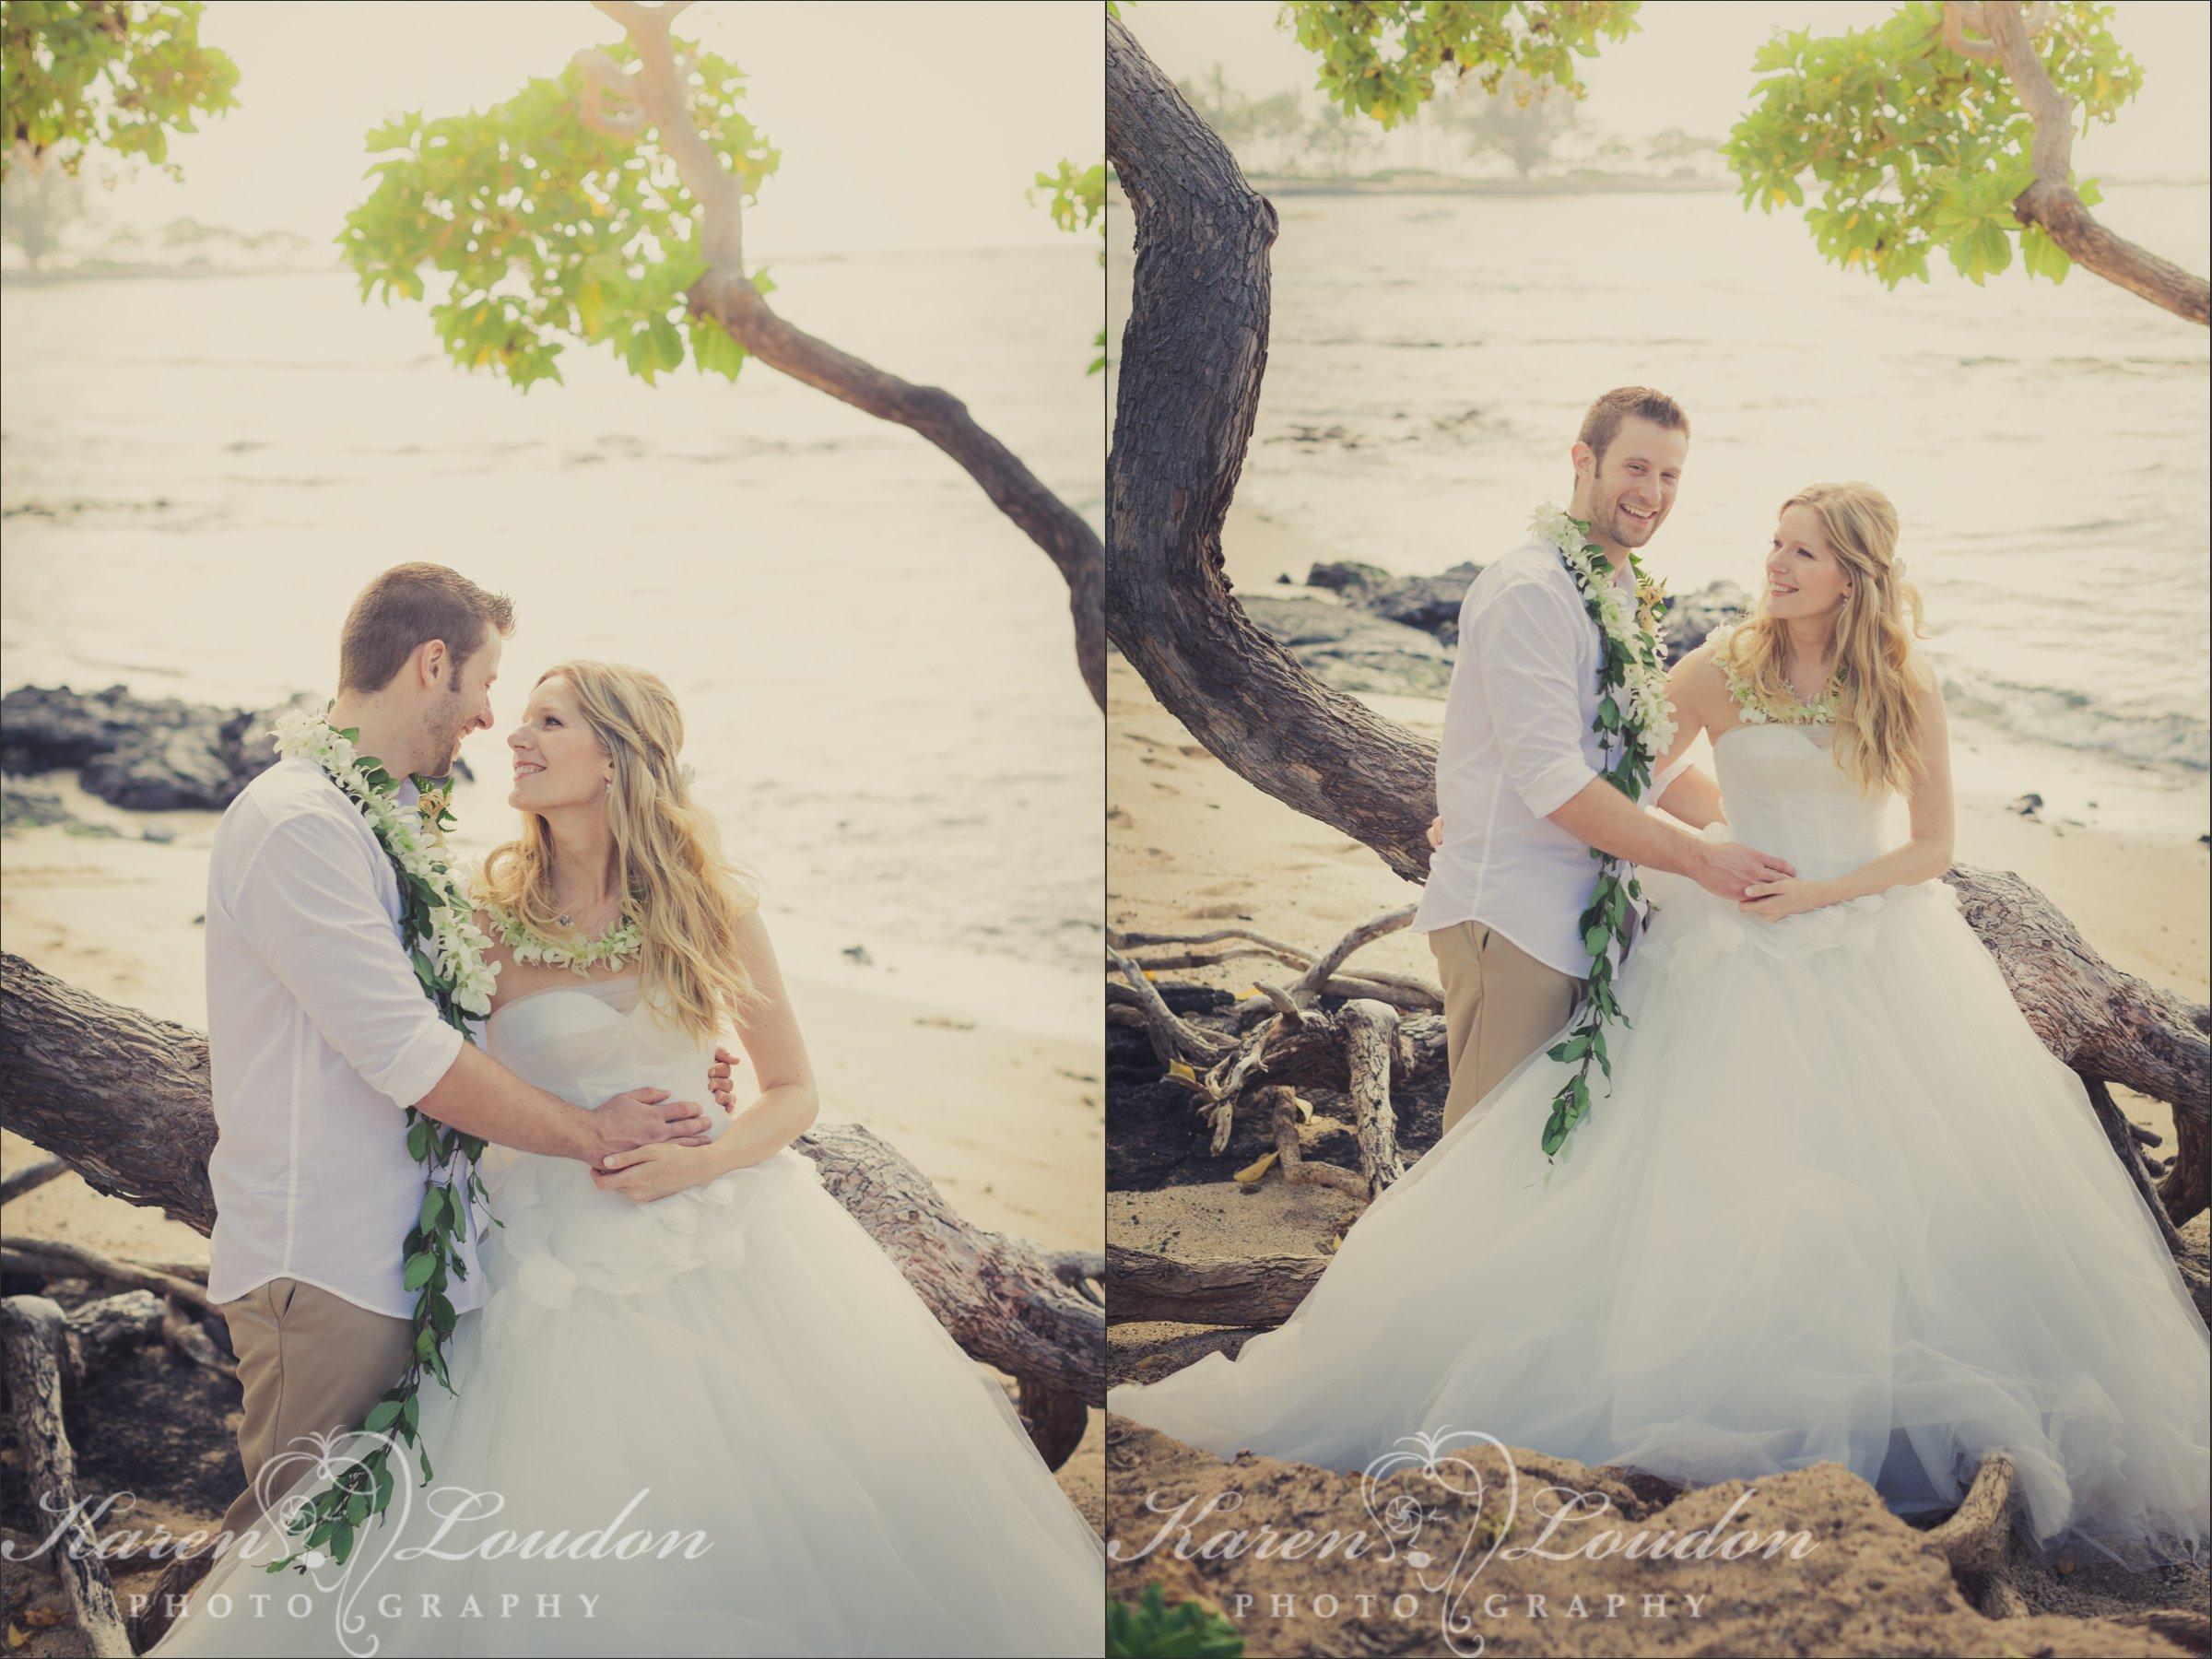 Kikaua Pt. Wedding Photography